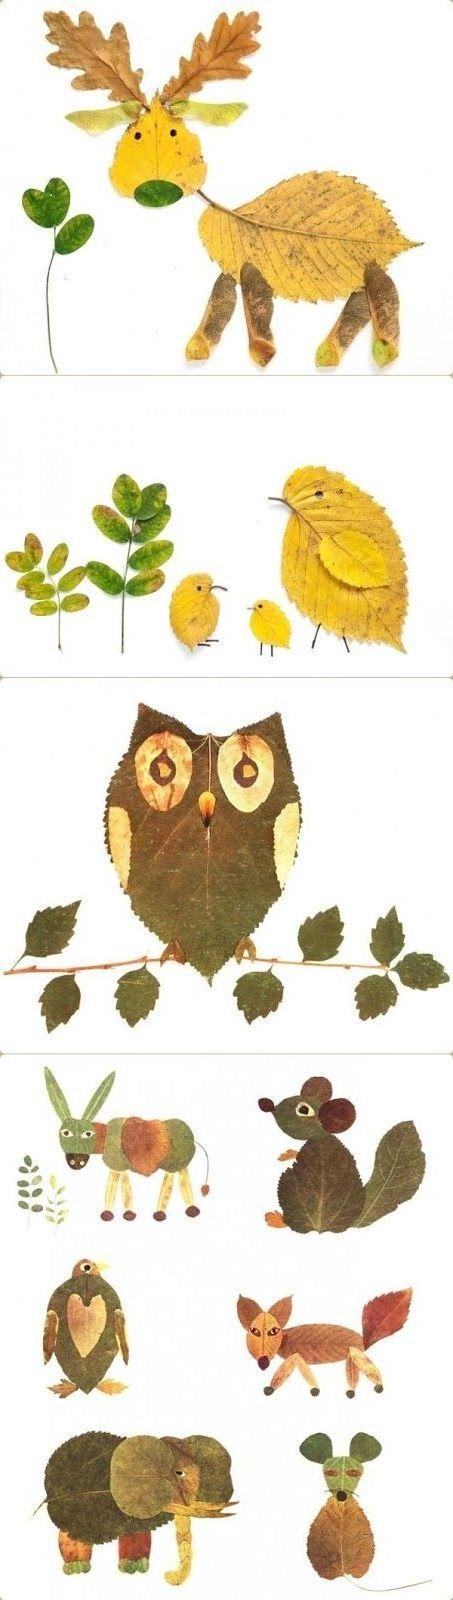 Herbstblätter - kreative Deko- und Bastel-Ideen